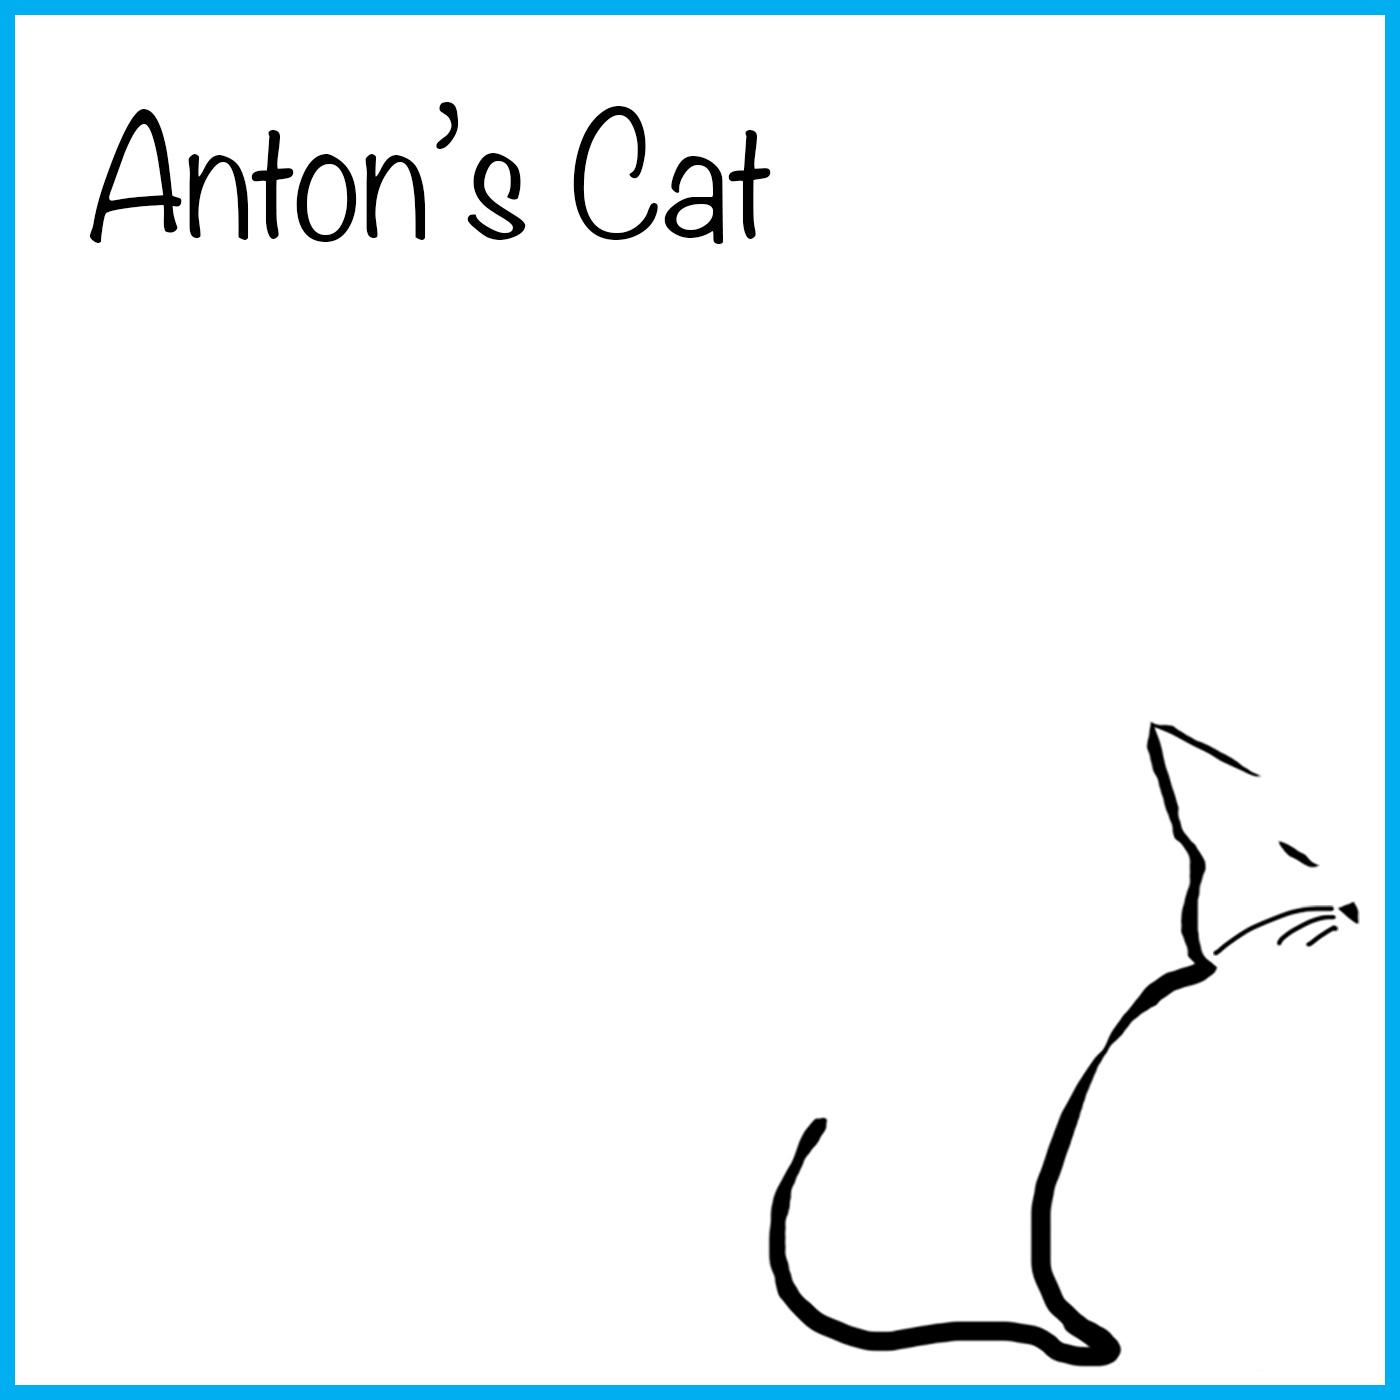 Anton's Cat